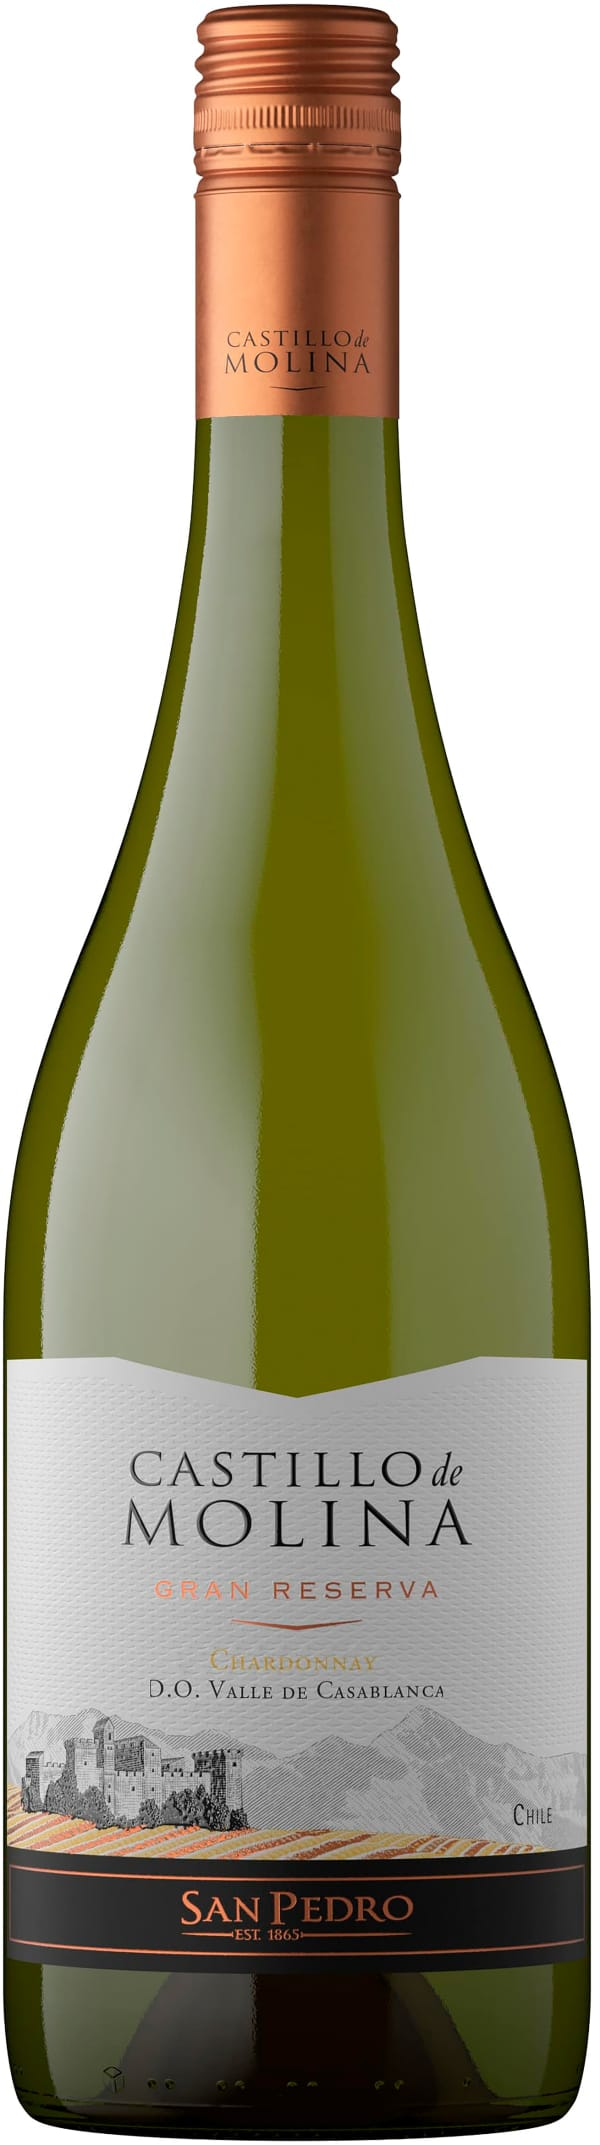 Castillo de Molina Reserva Chardonnay 2020